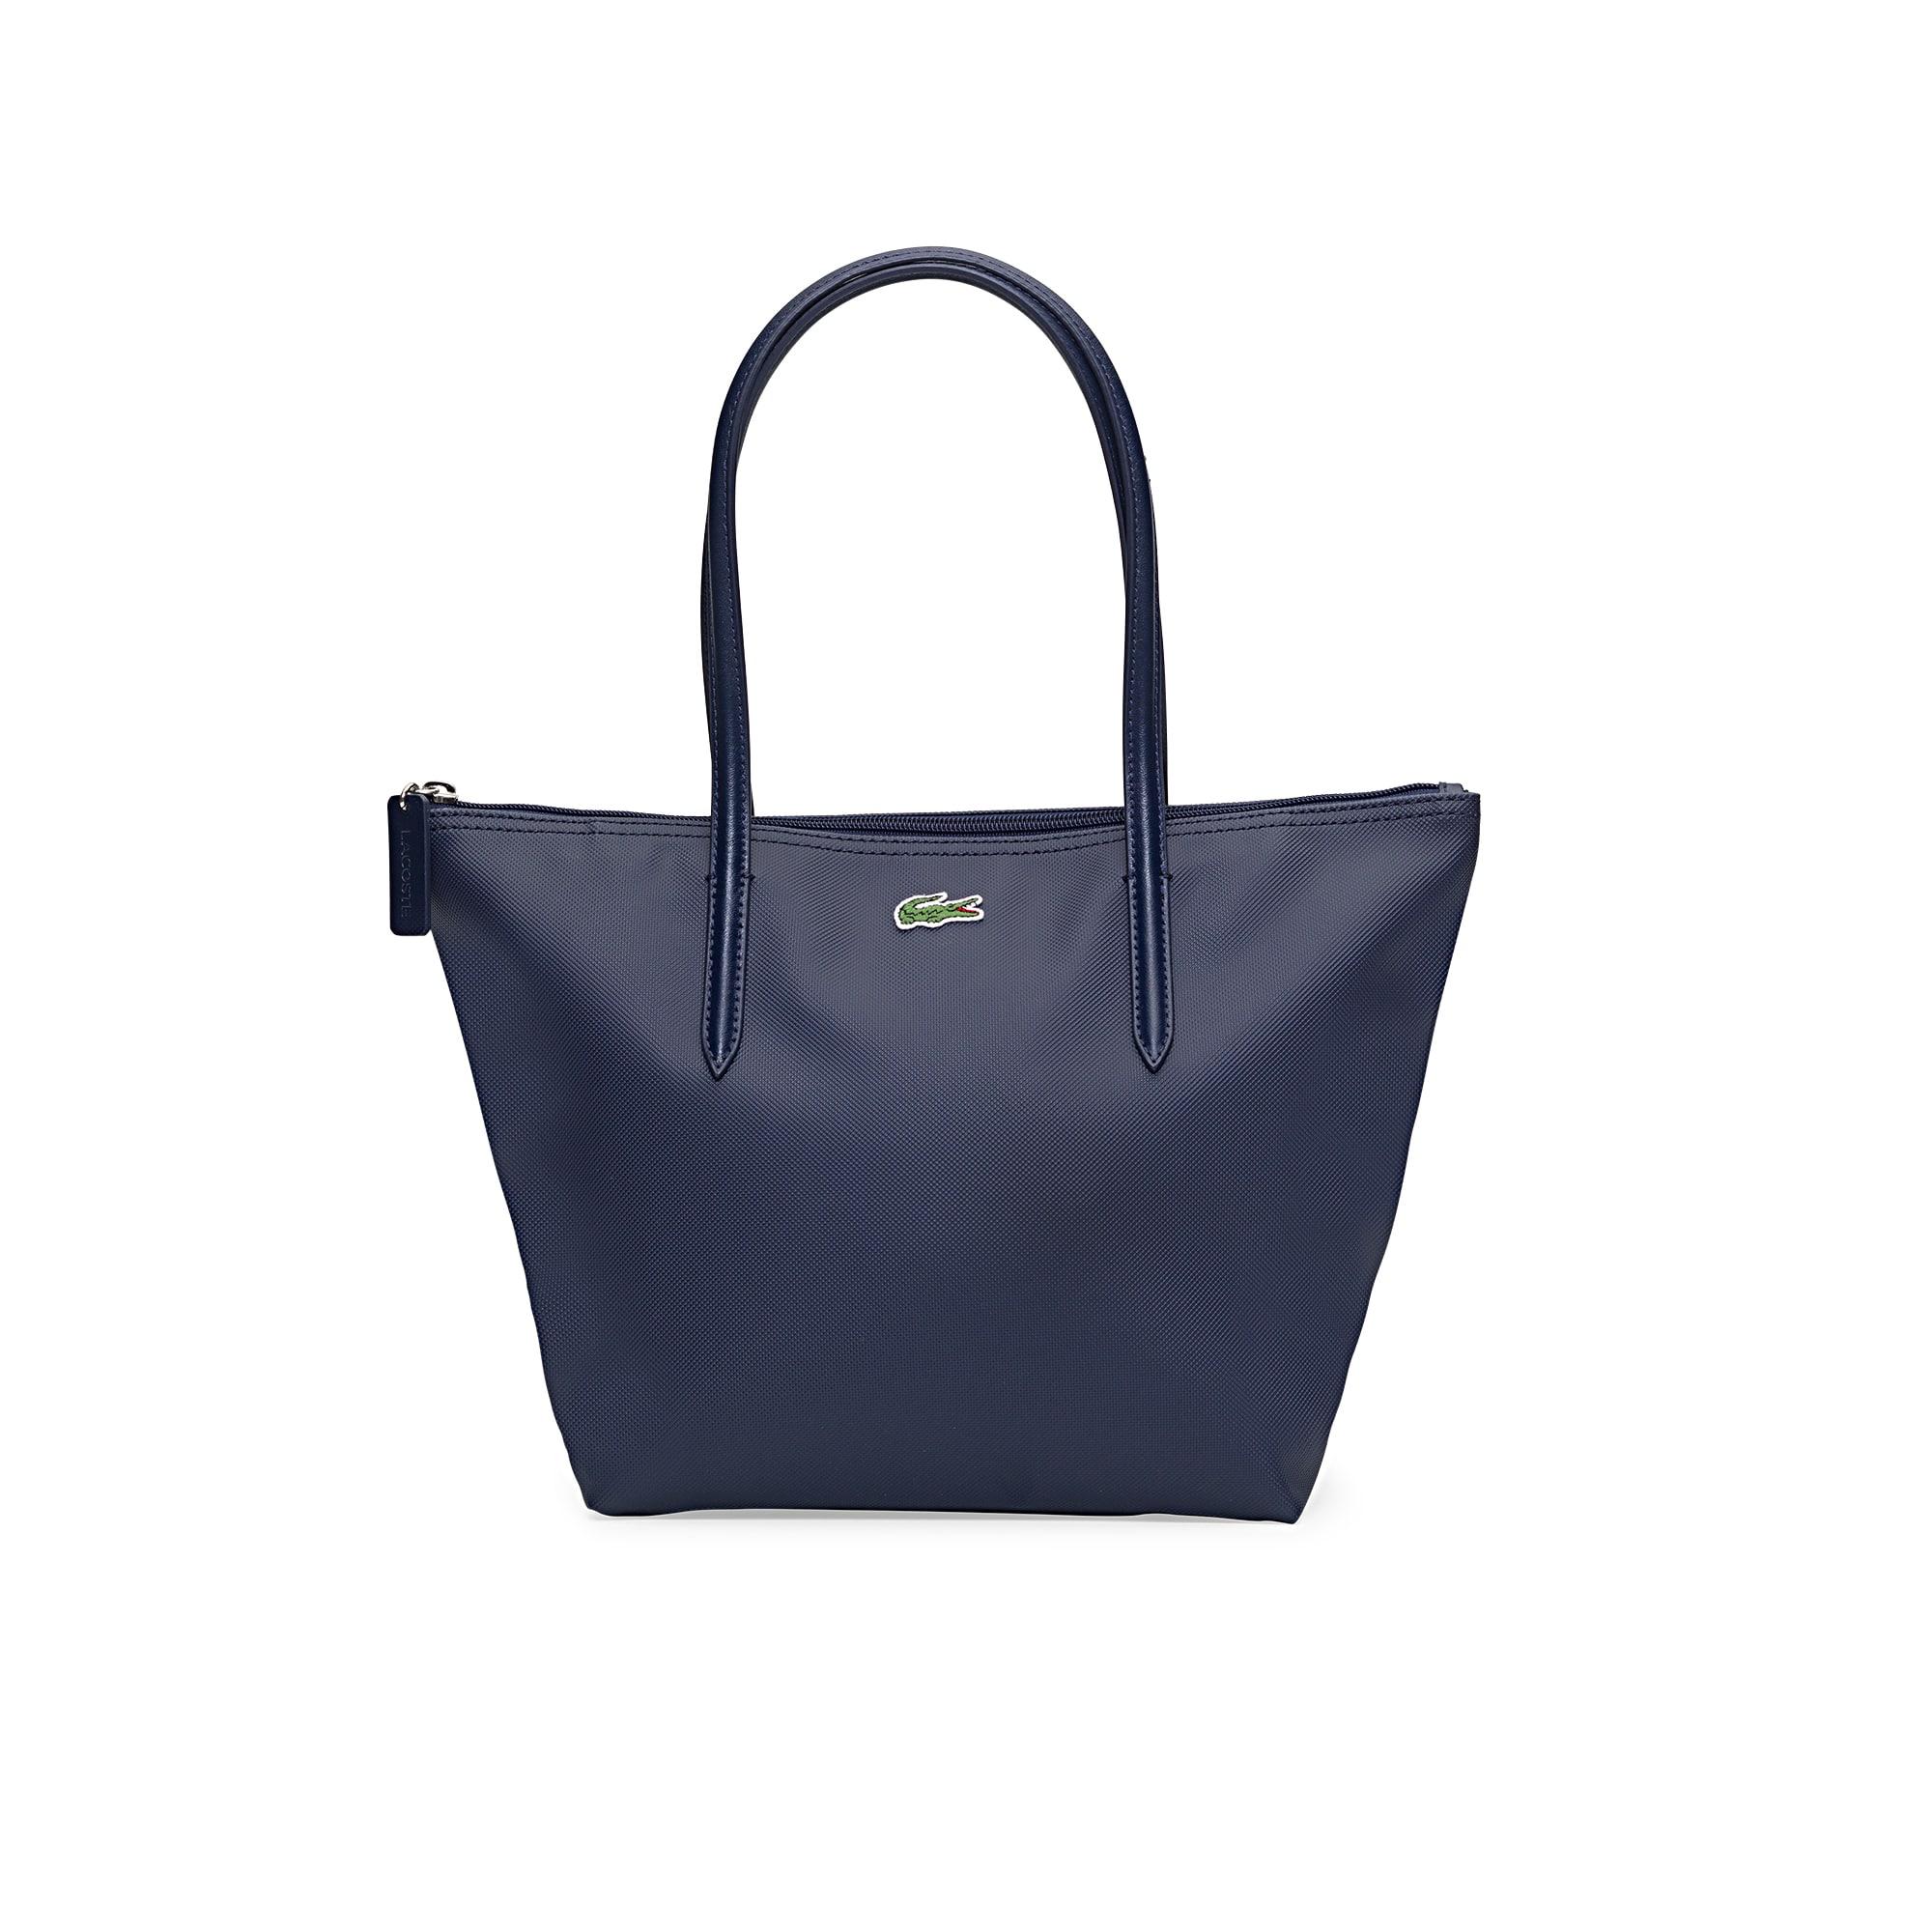 aa21a1cda6d Bolso L.12.12 S Shopper para Mujer